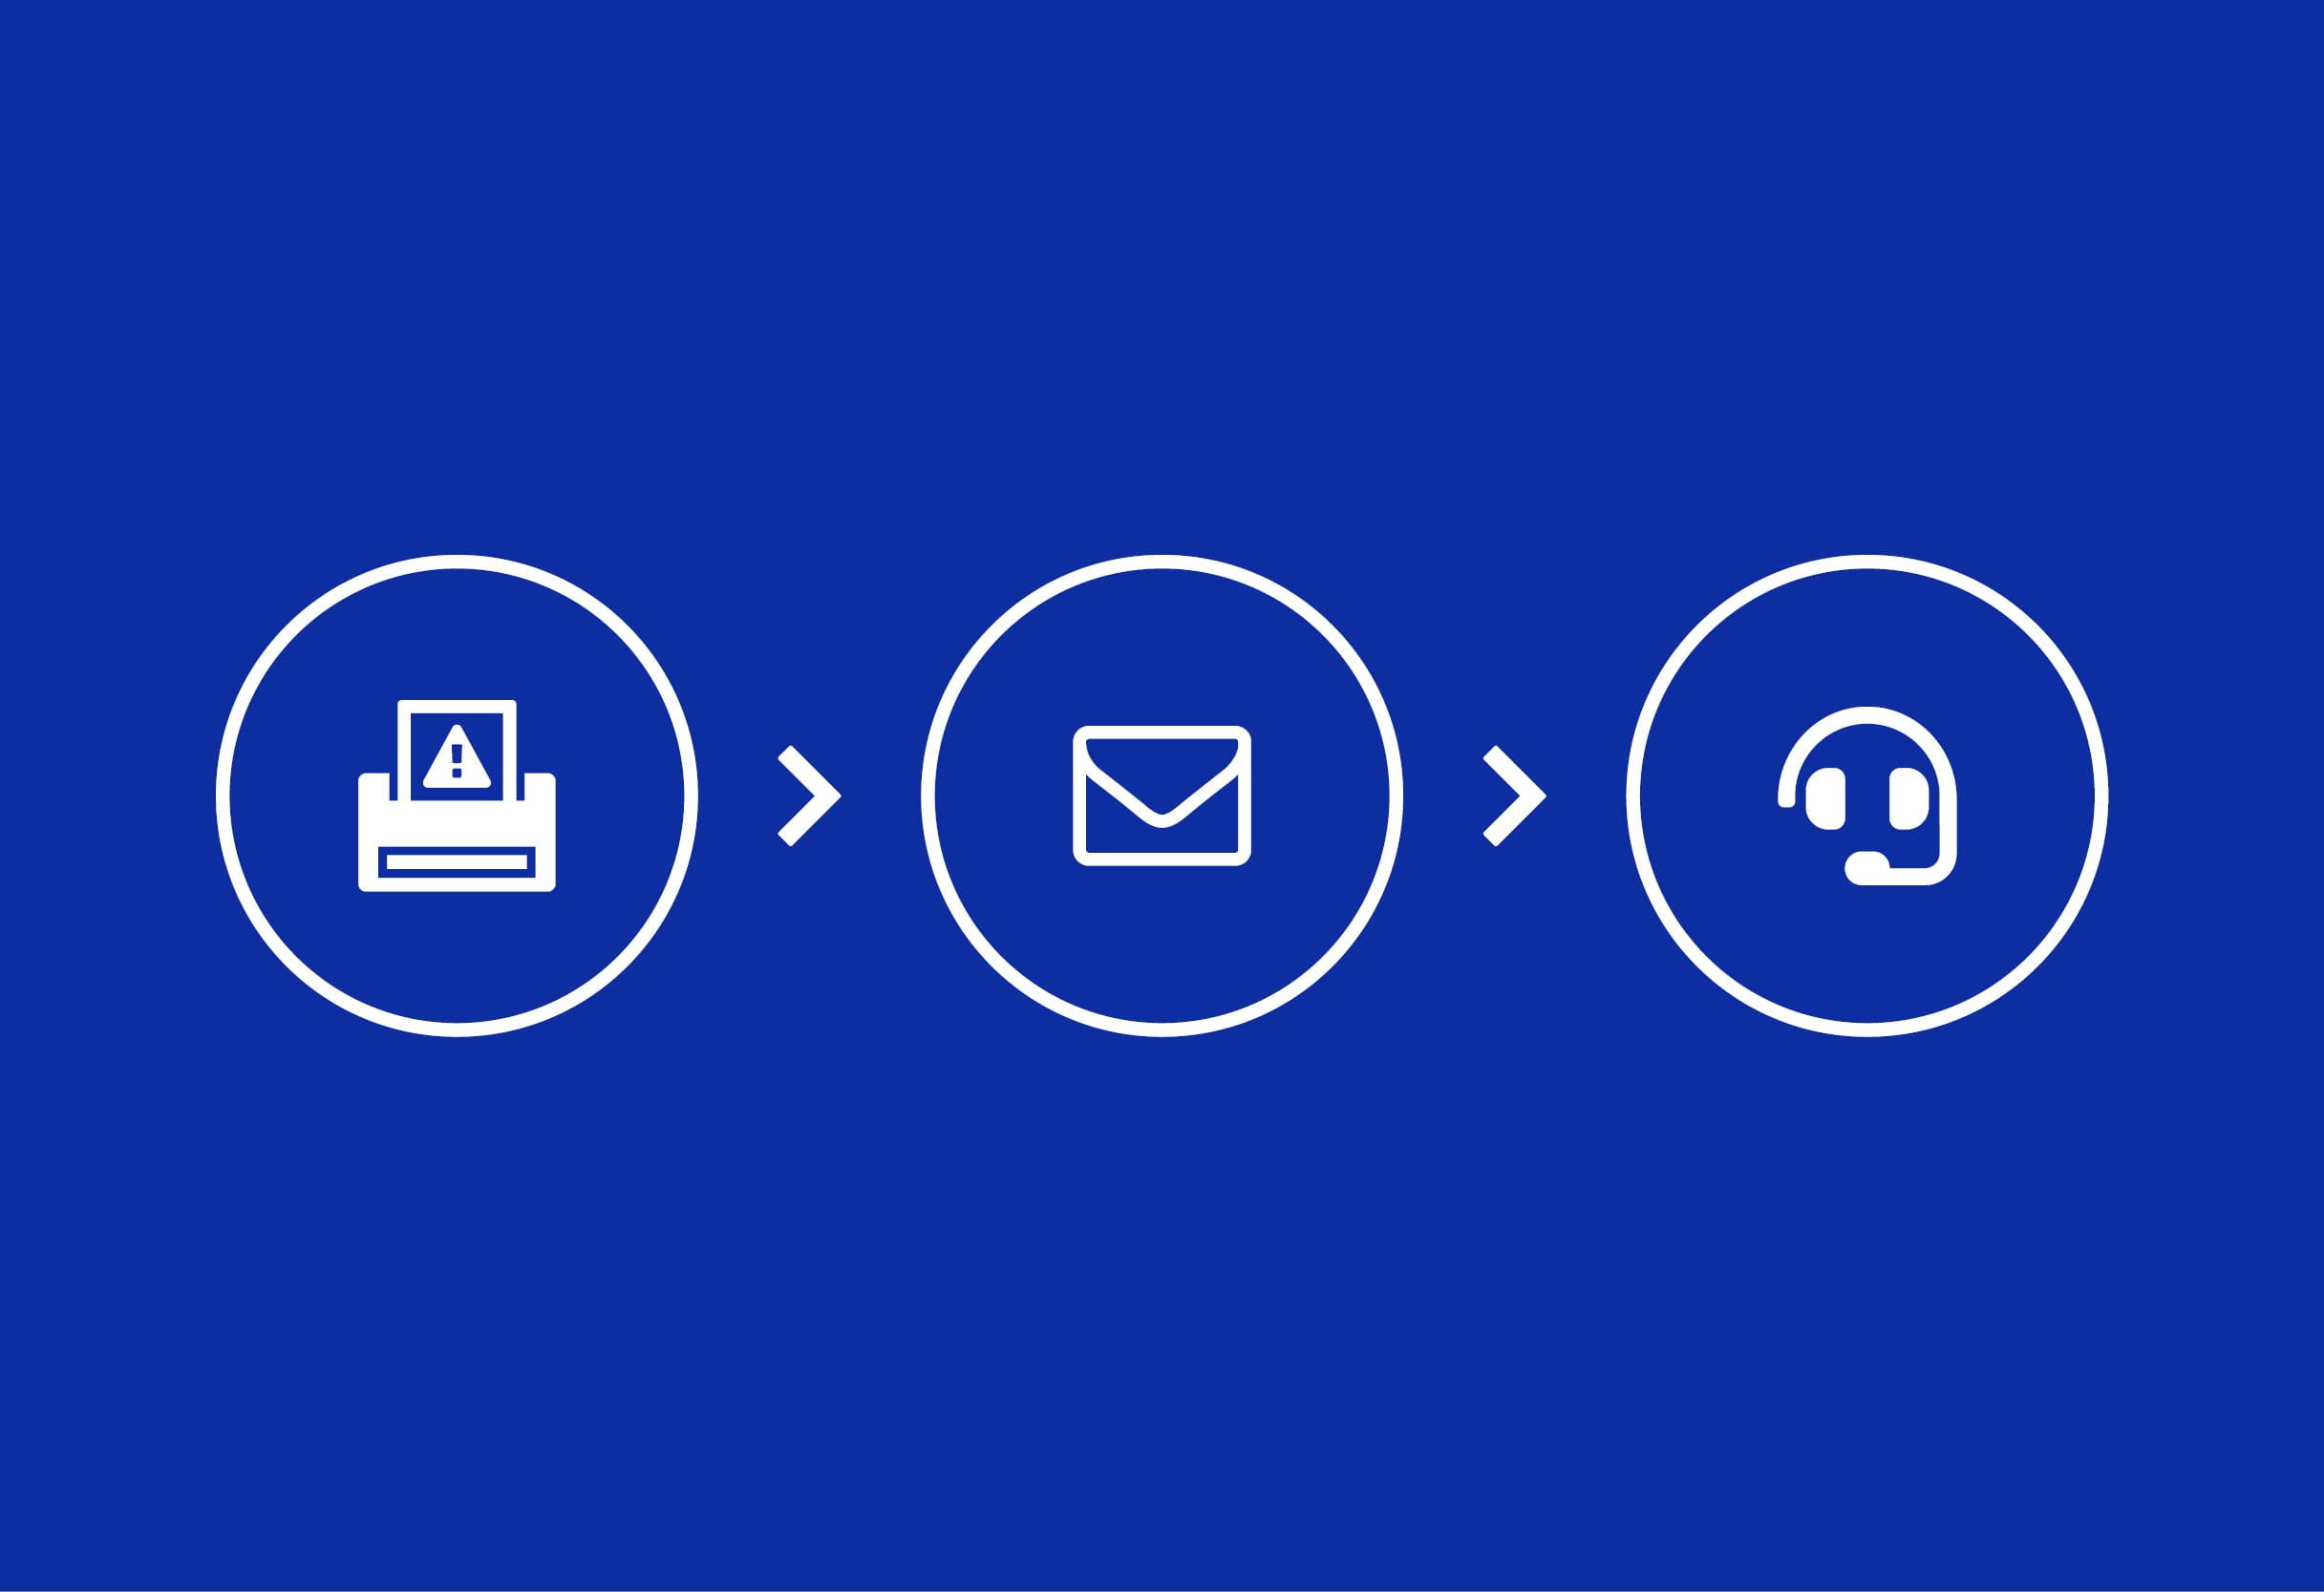 Skriver ikon e-post ikon hodetelefon ikon